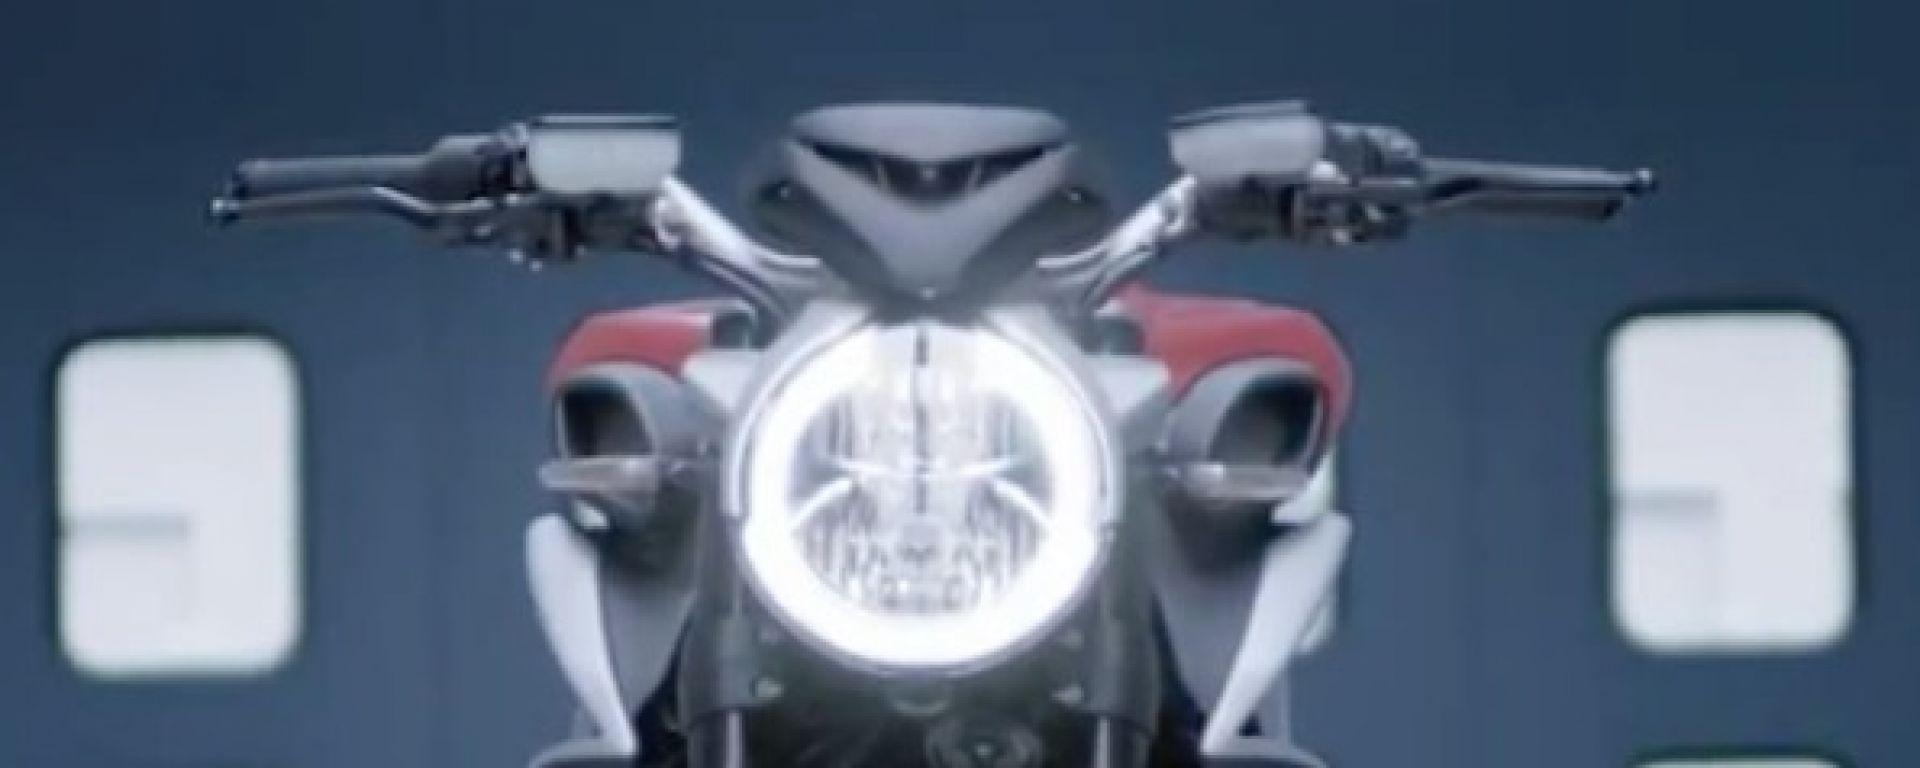 MV Agusta: un video rivela la nuova Brutale 800